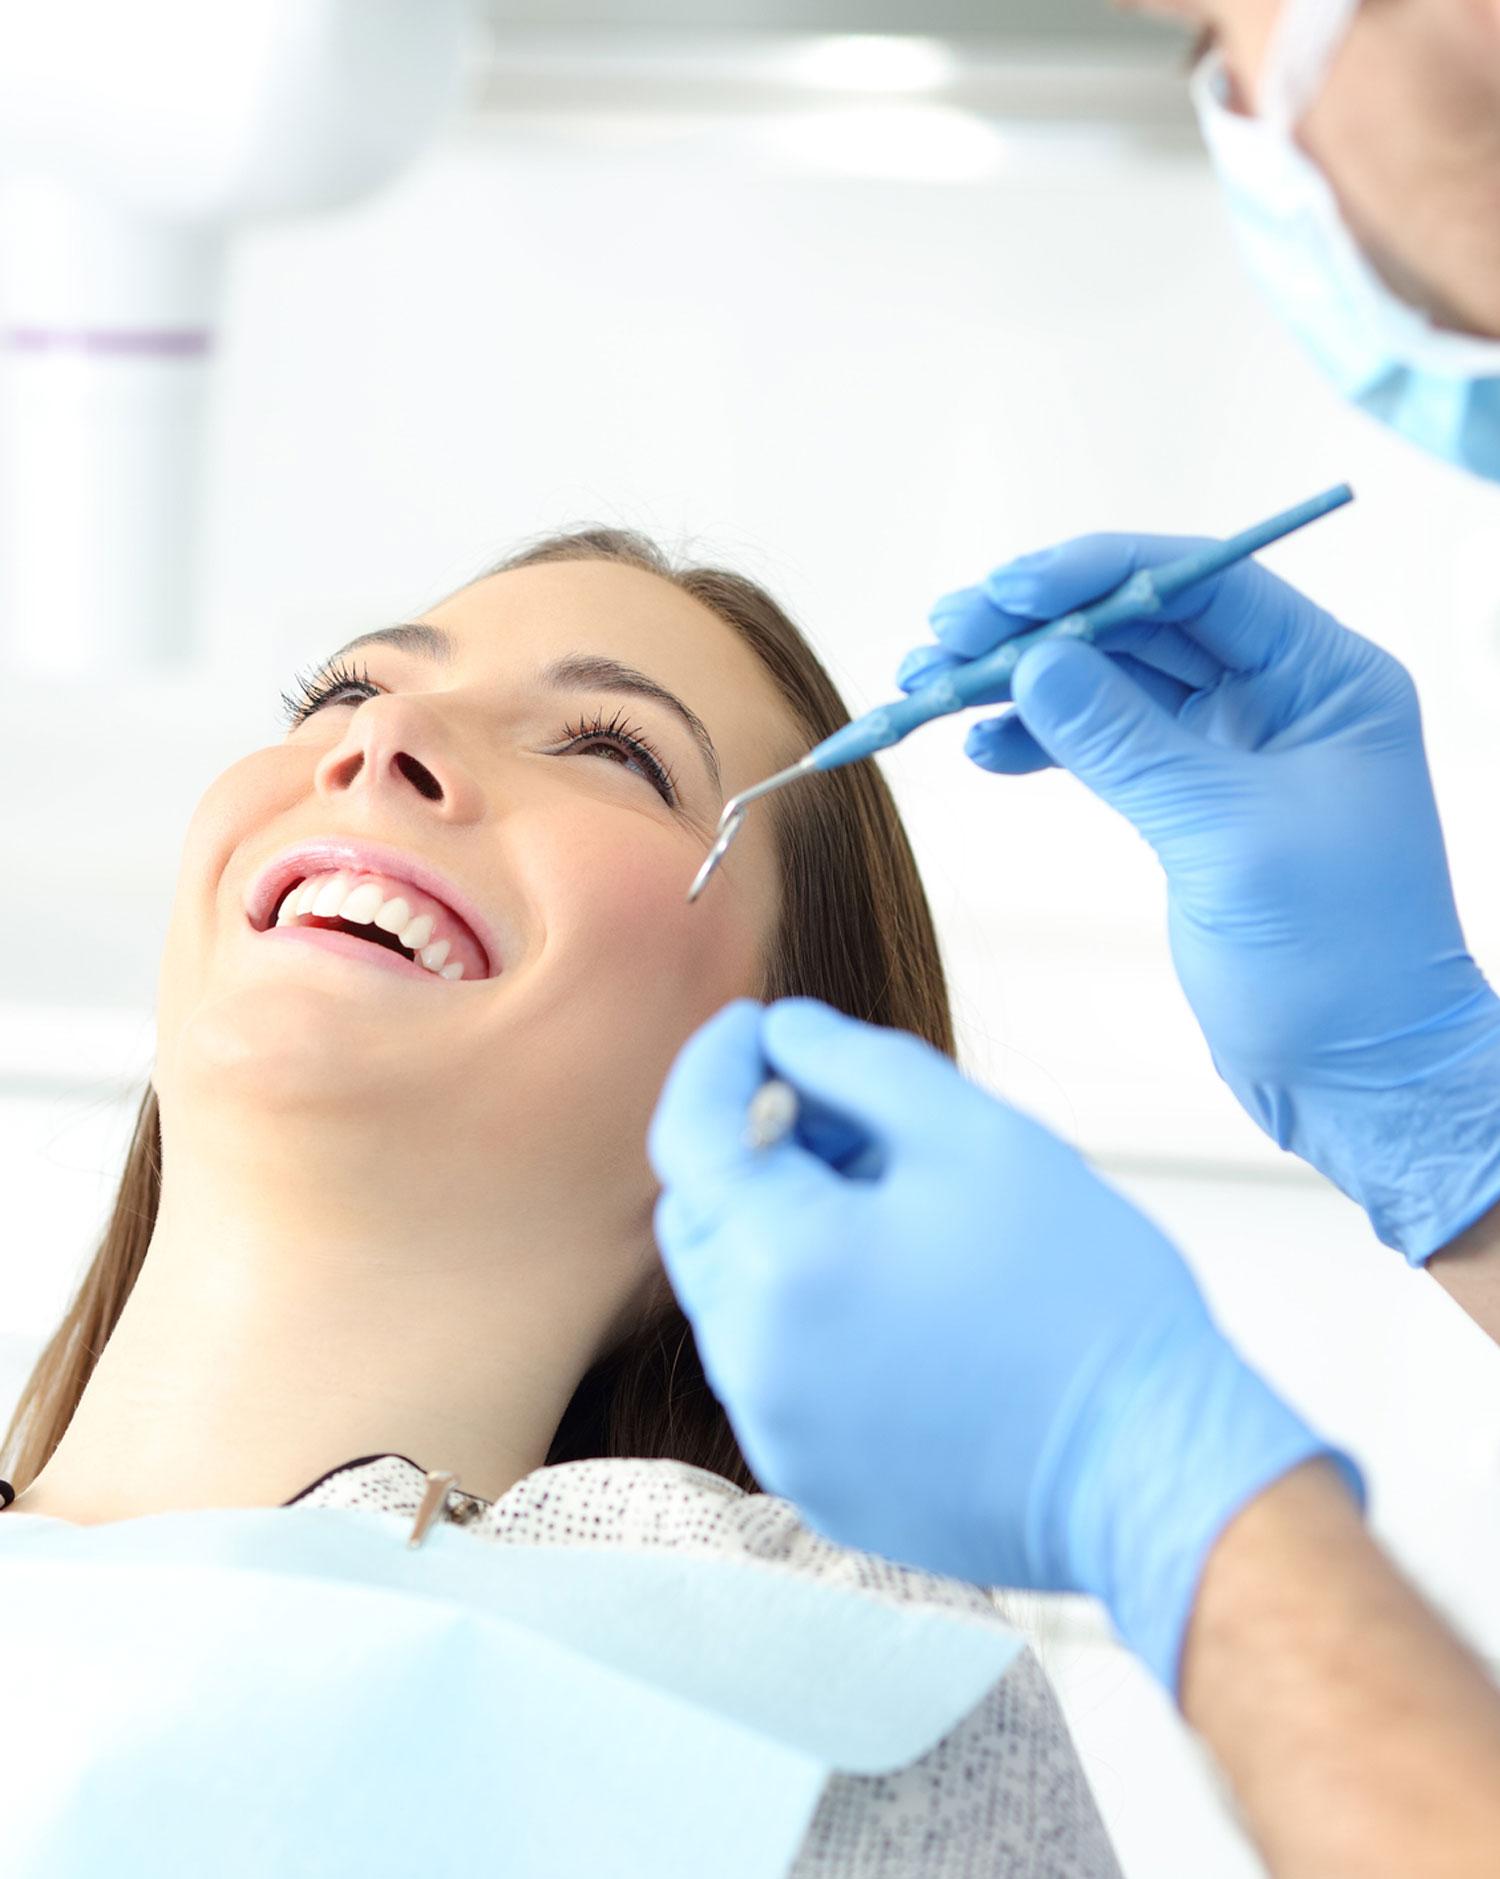 Odontología Preventiva en Carabanchel, Odontología Preventiva en Navalcarnero, Dentista en Carabanchel, Clínica Dental en Carabanchel, Dentista en Navalcarnero, Clínica Dental en Navalcarnero